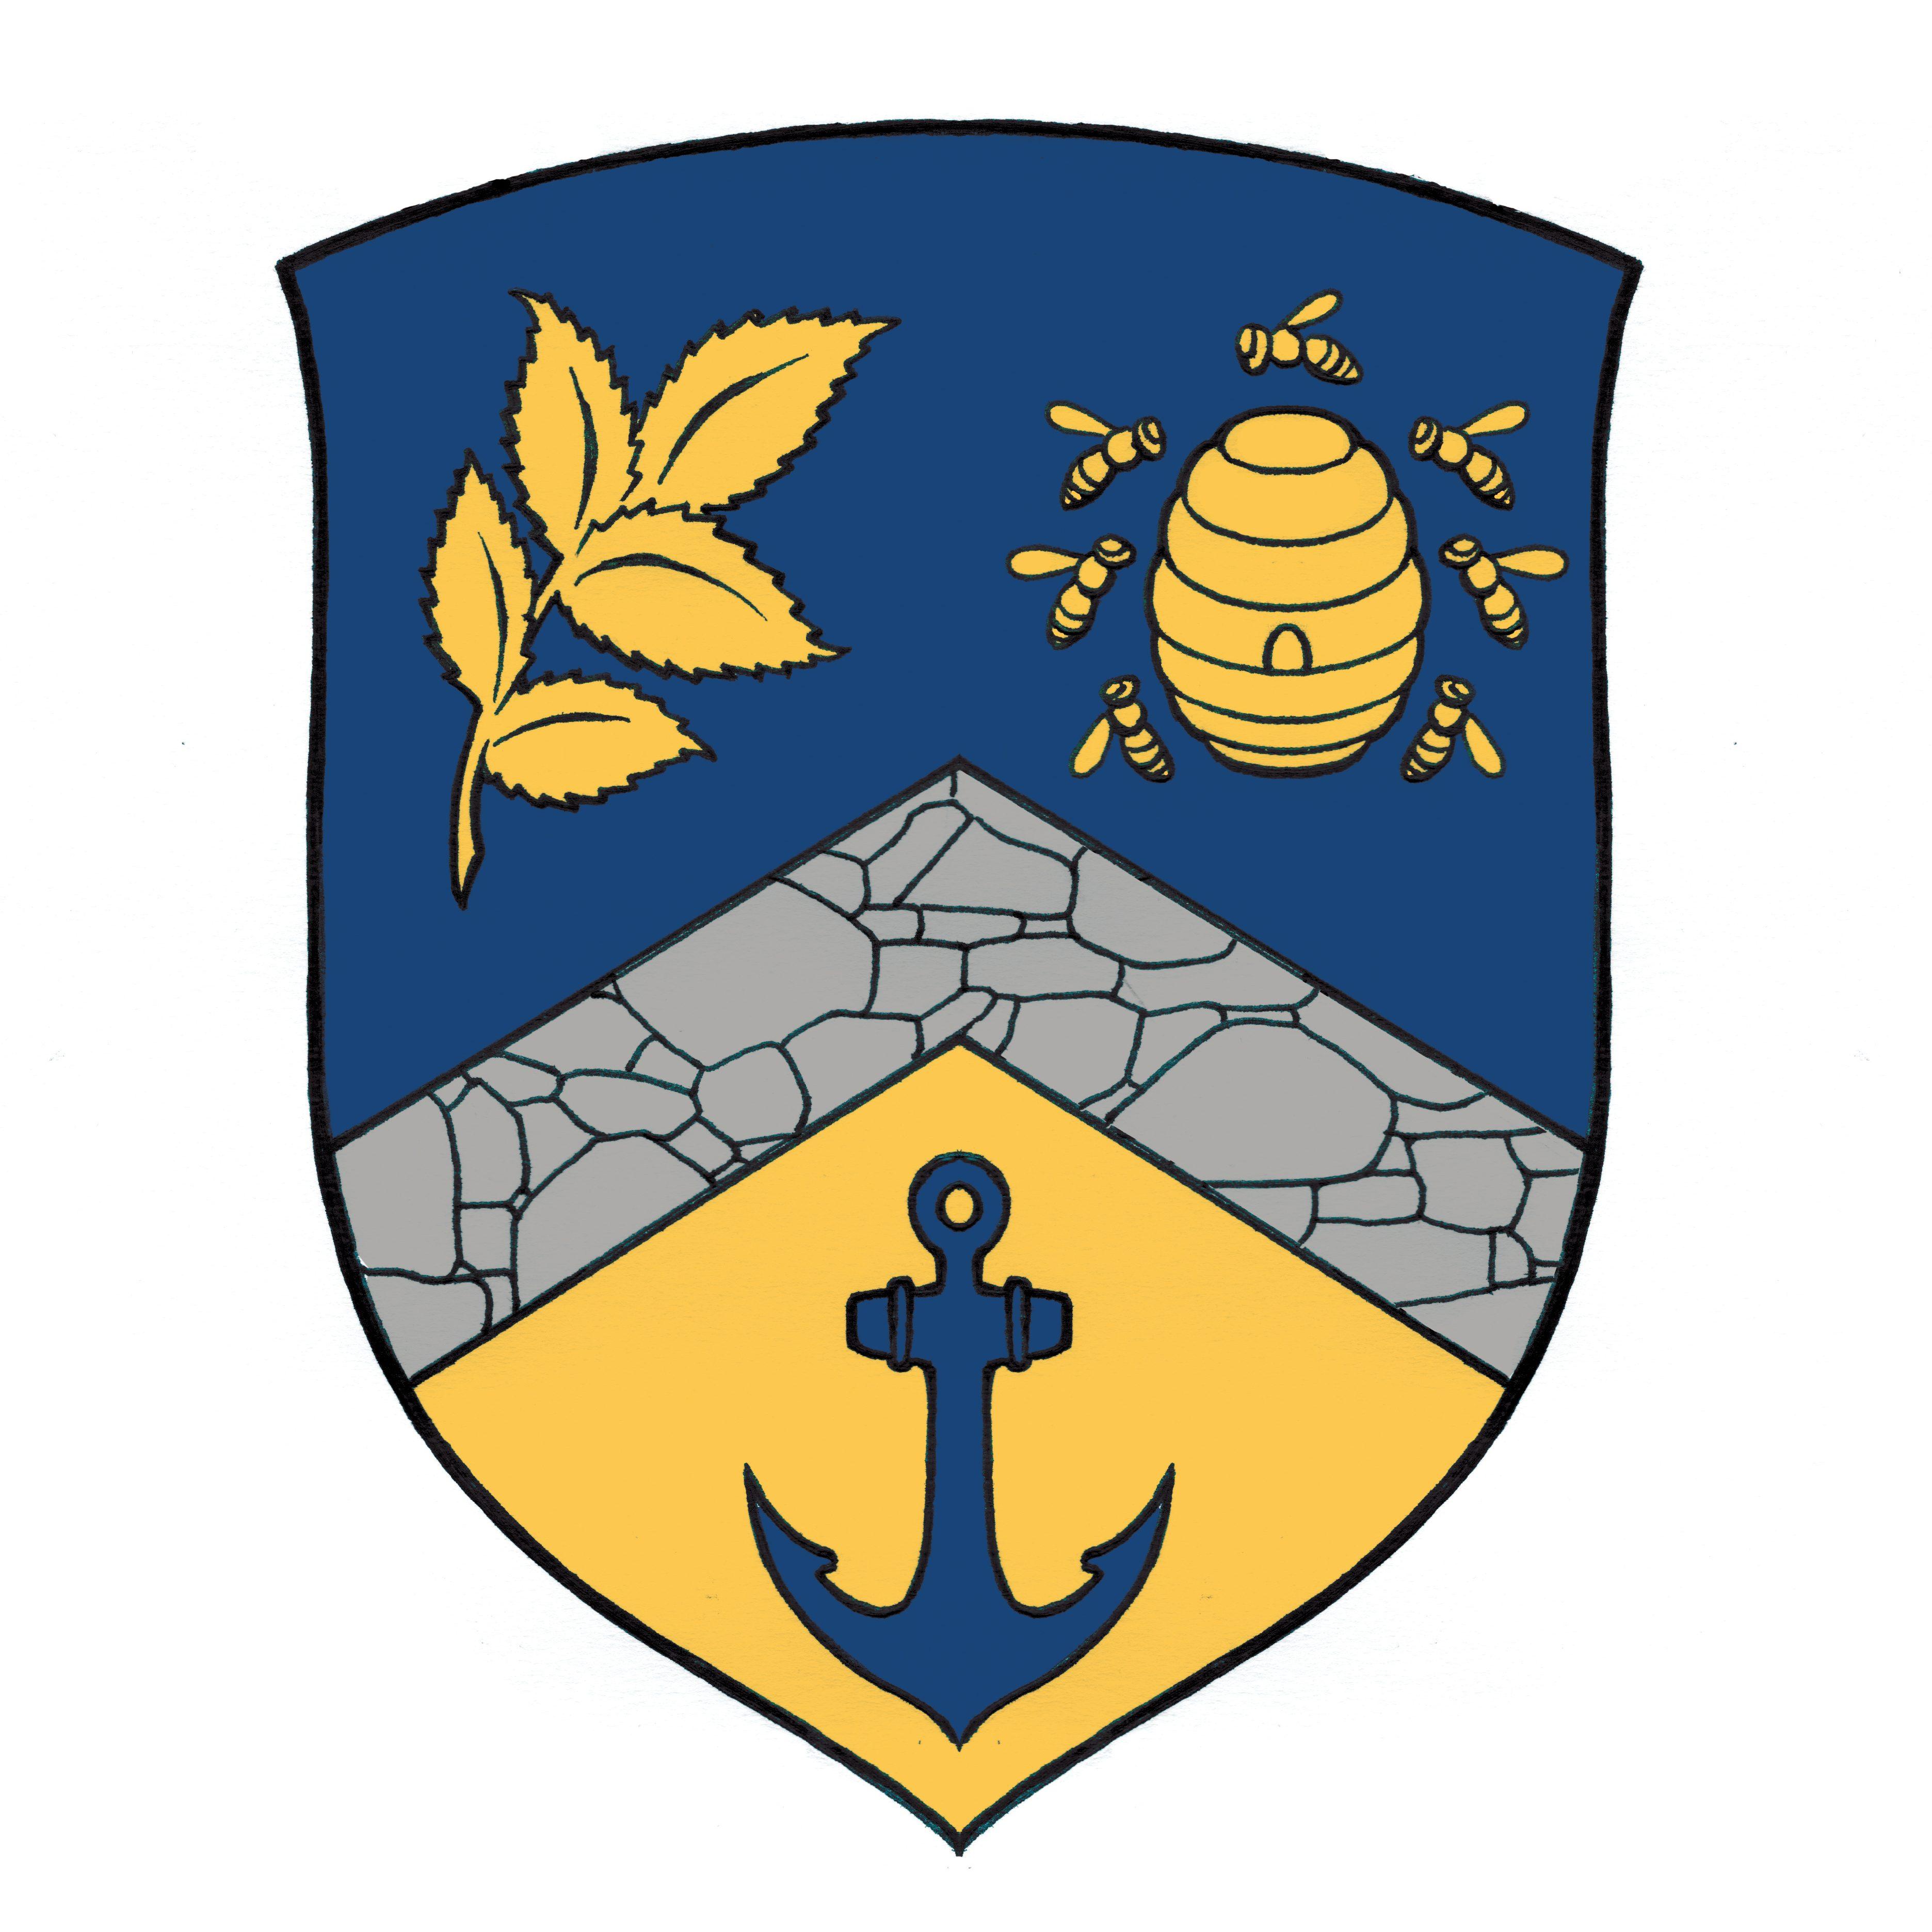 Sparhawk Academy